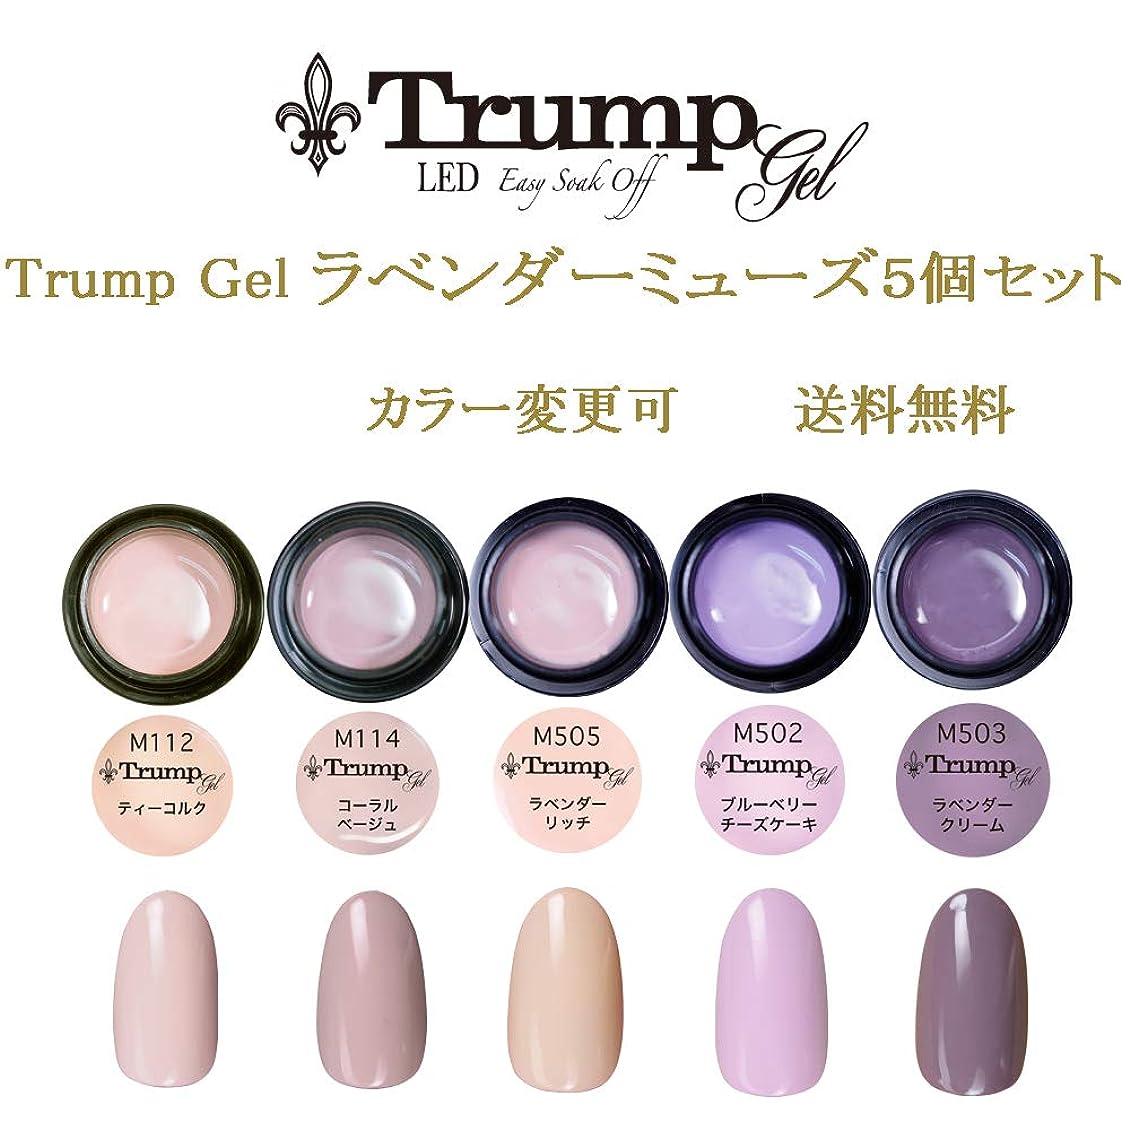 カスタム転倒タワー日本製 Trump gel トランプジェル ラベンダーミューズカラー 選べる カラージェル 5個セット ピンク ベージュ ラベンダーカラー